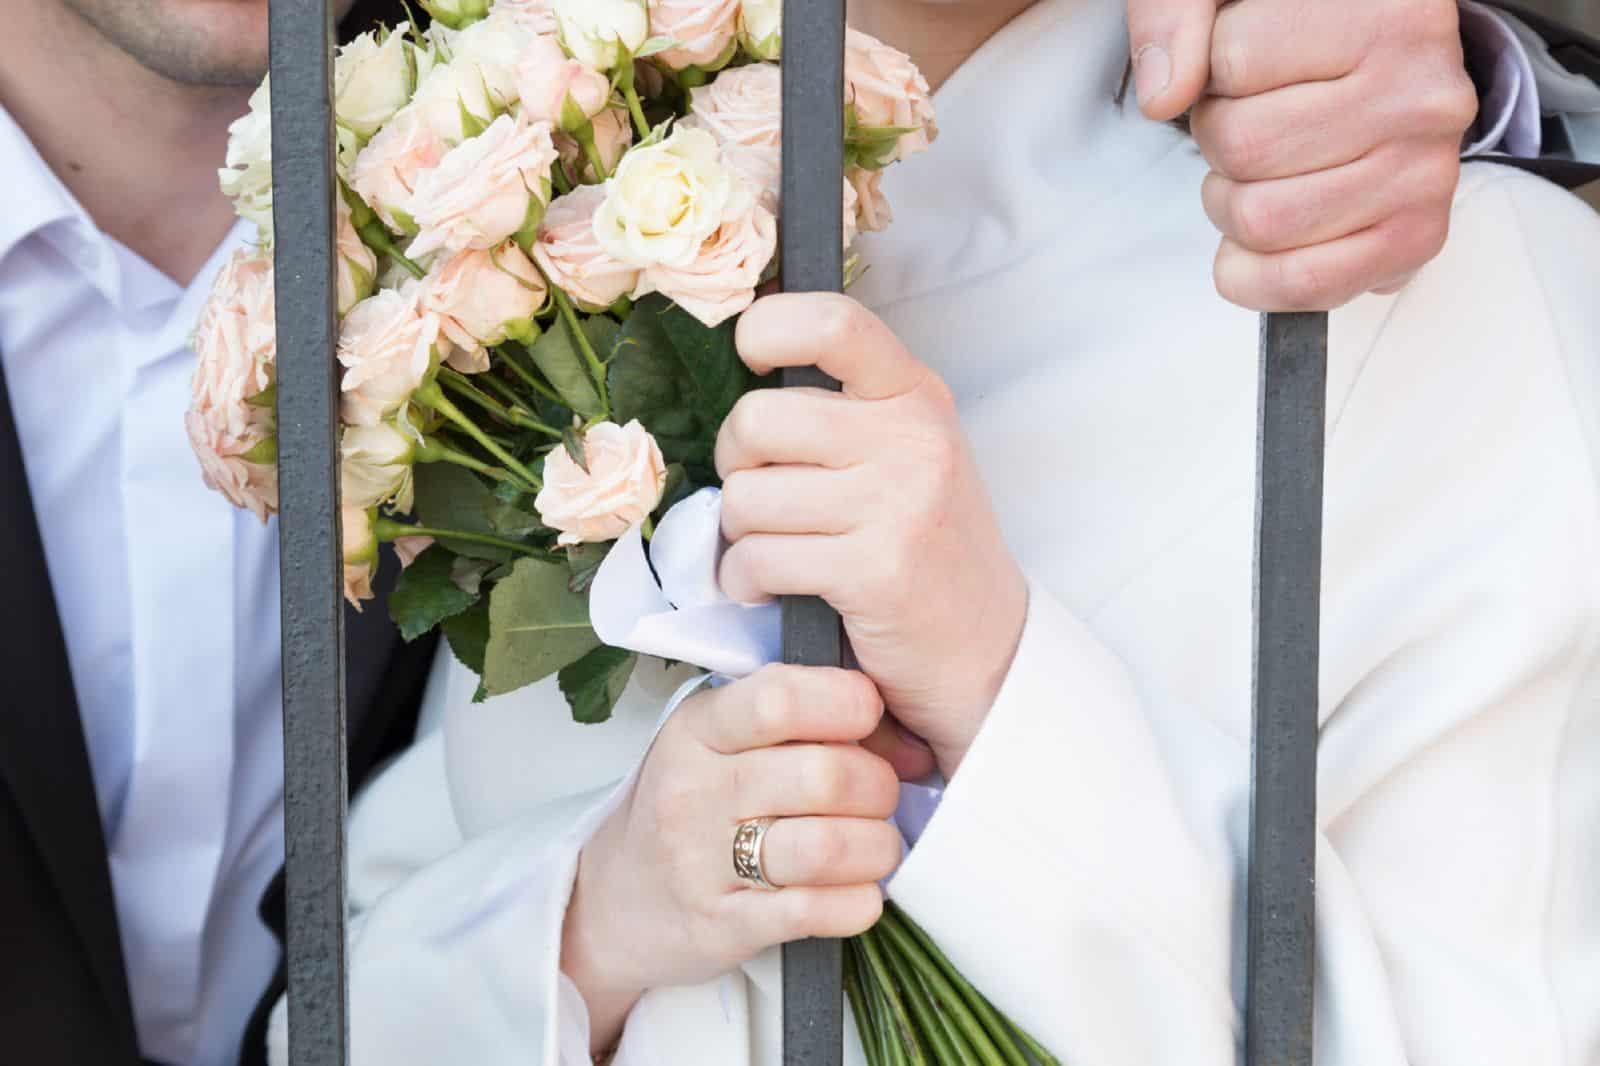 Роспись в тюрьме — как поженится за решеткой